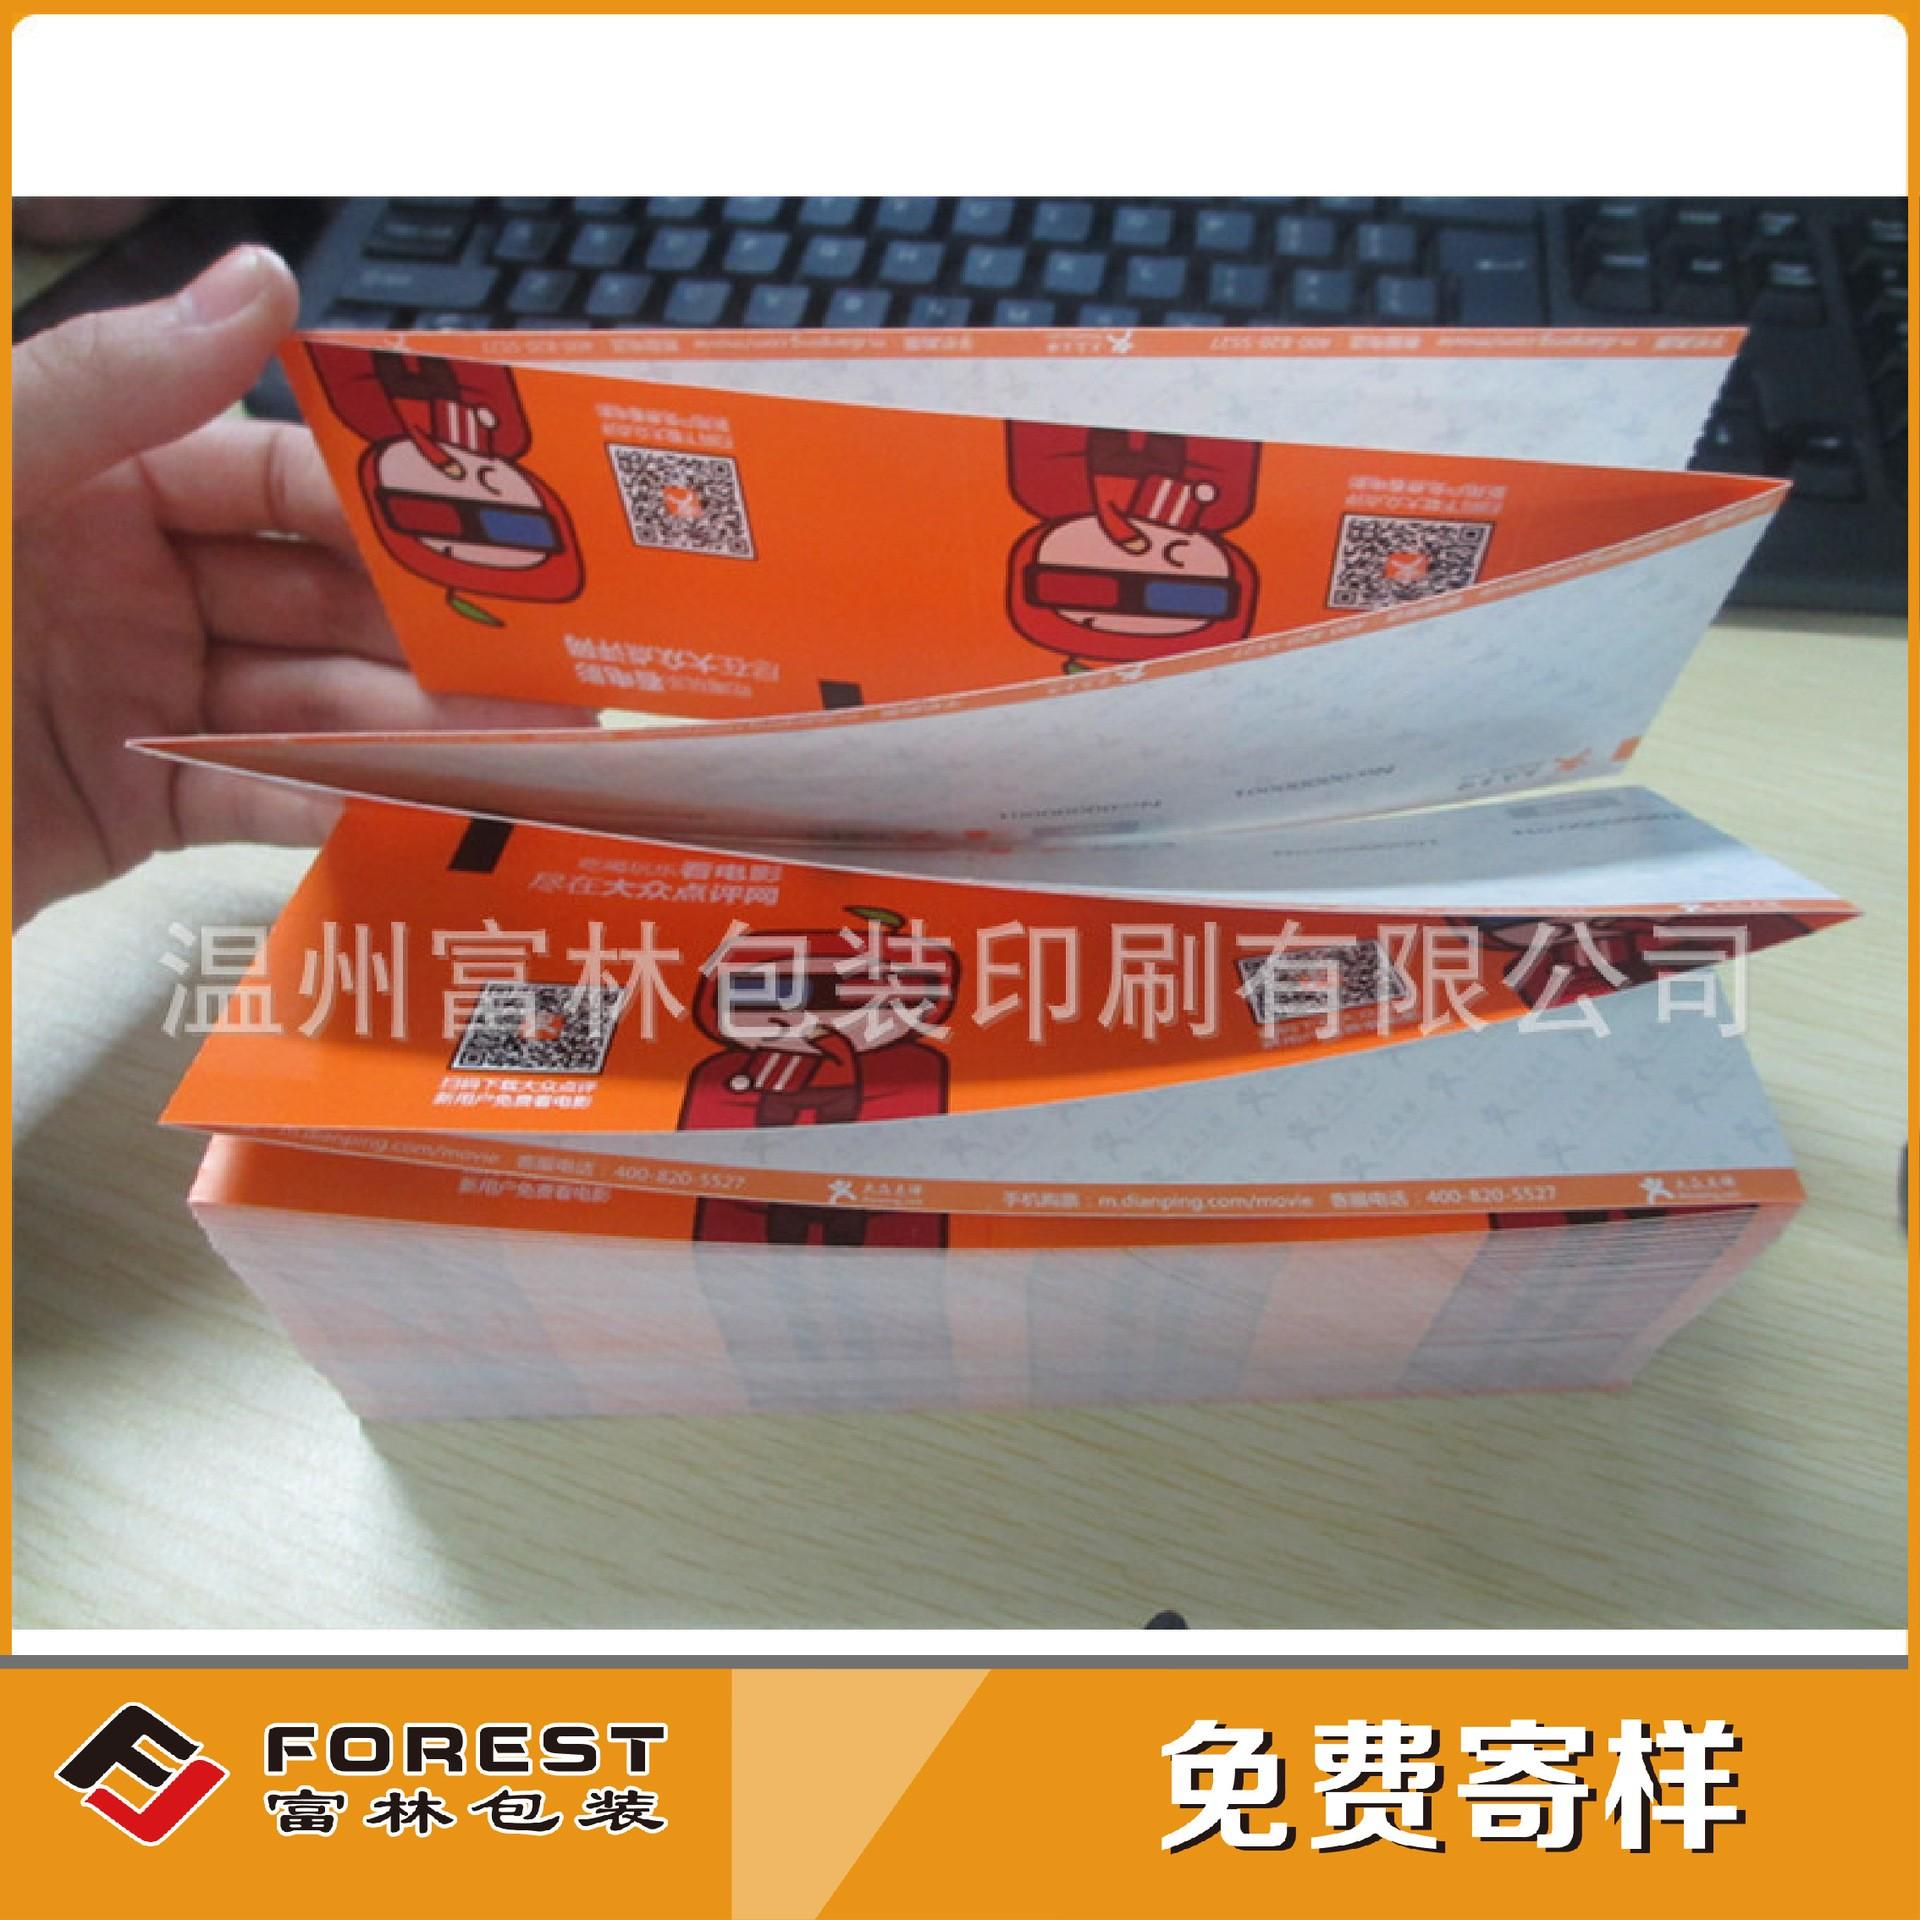 定制门票印刷热敏纸 文教类产品印刷 按客户要求定制